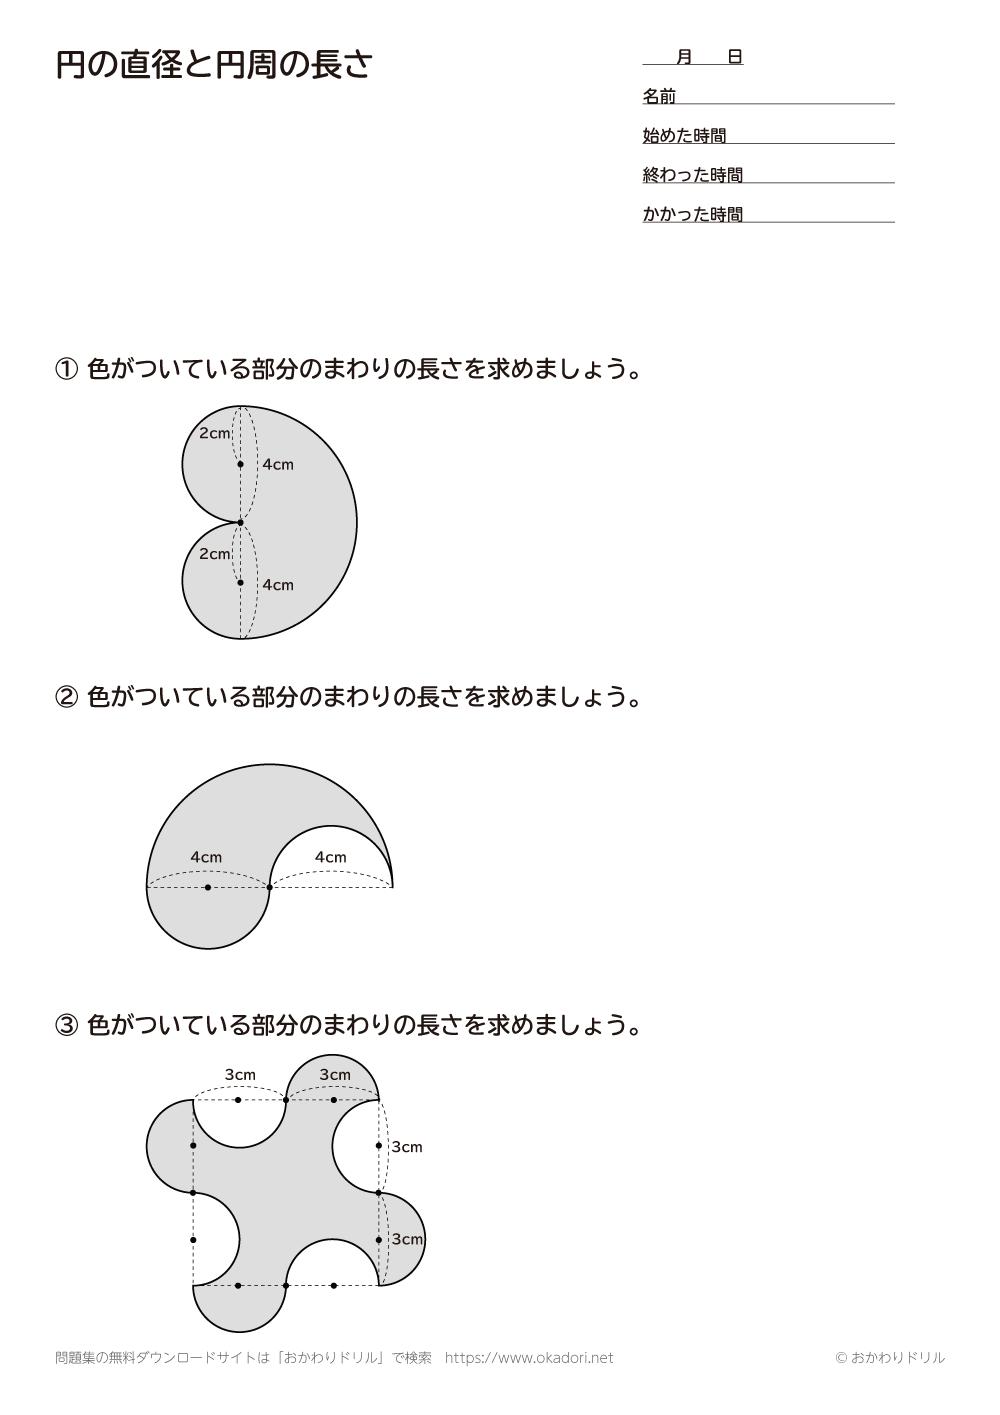 円の直径と円周の長さ6